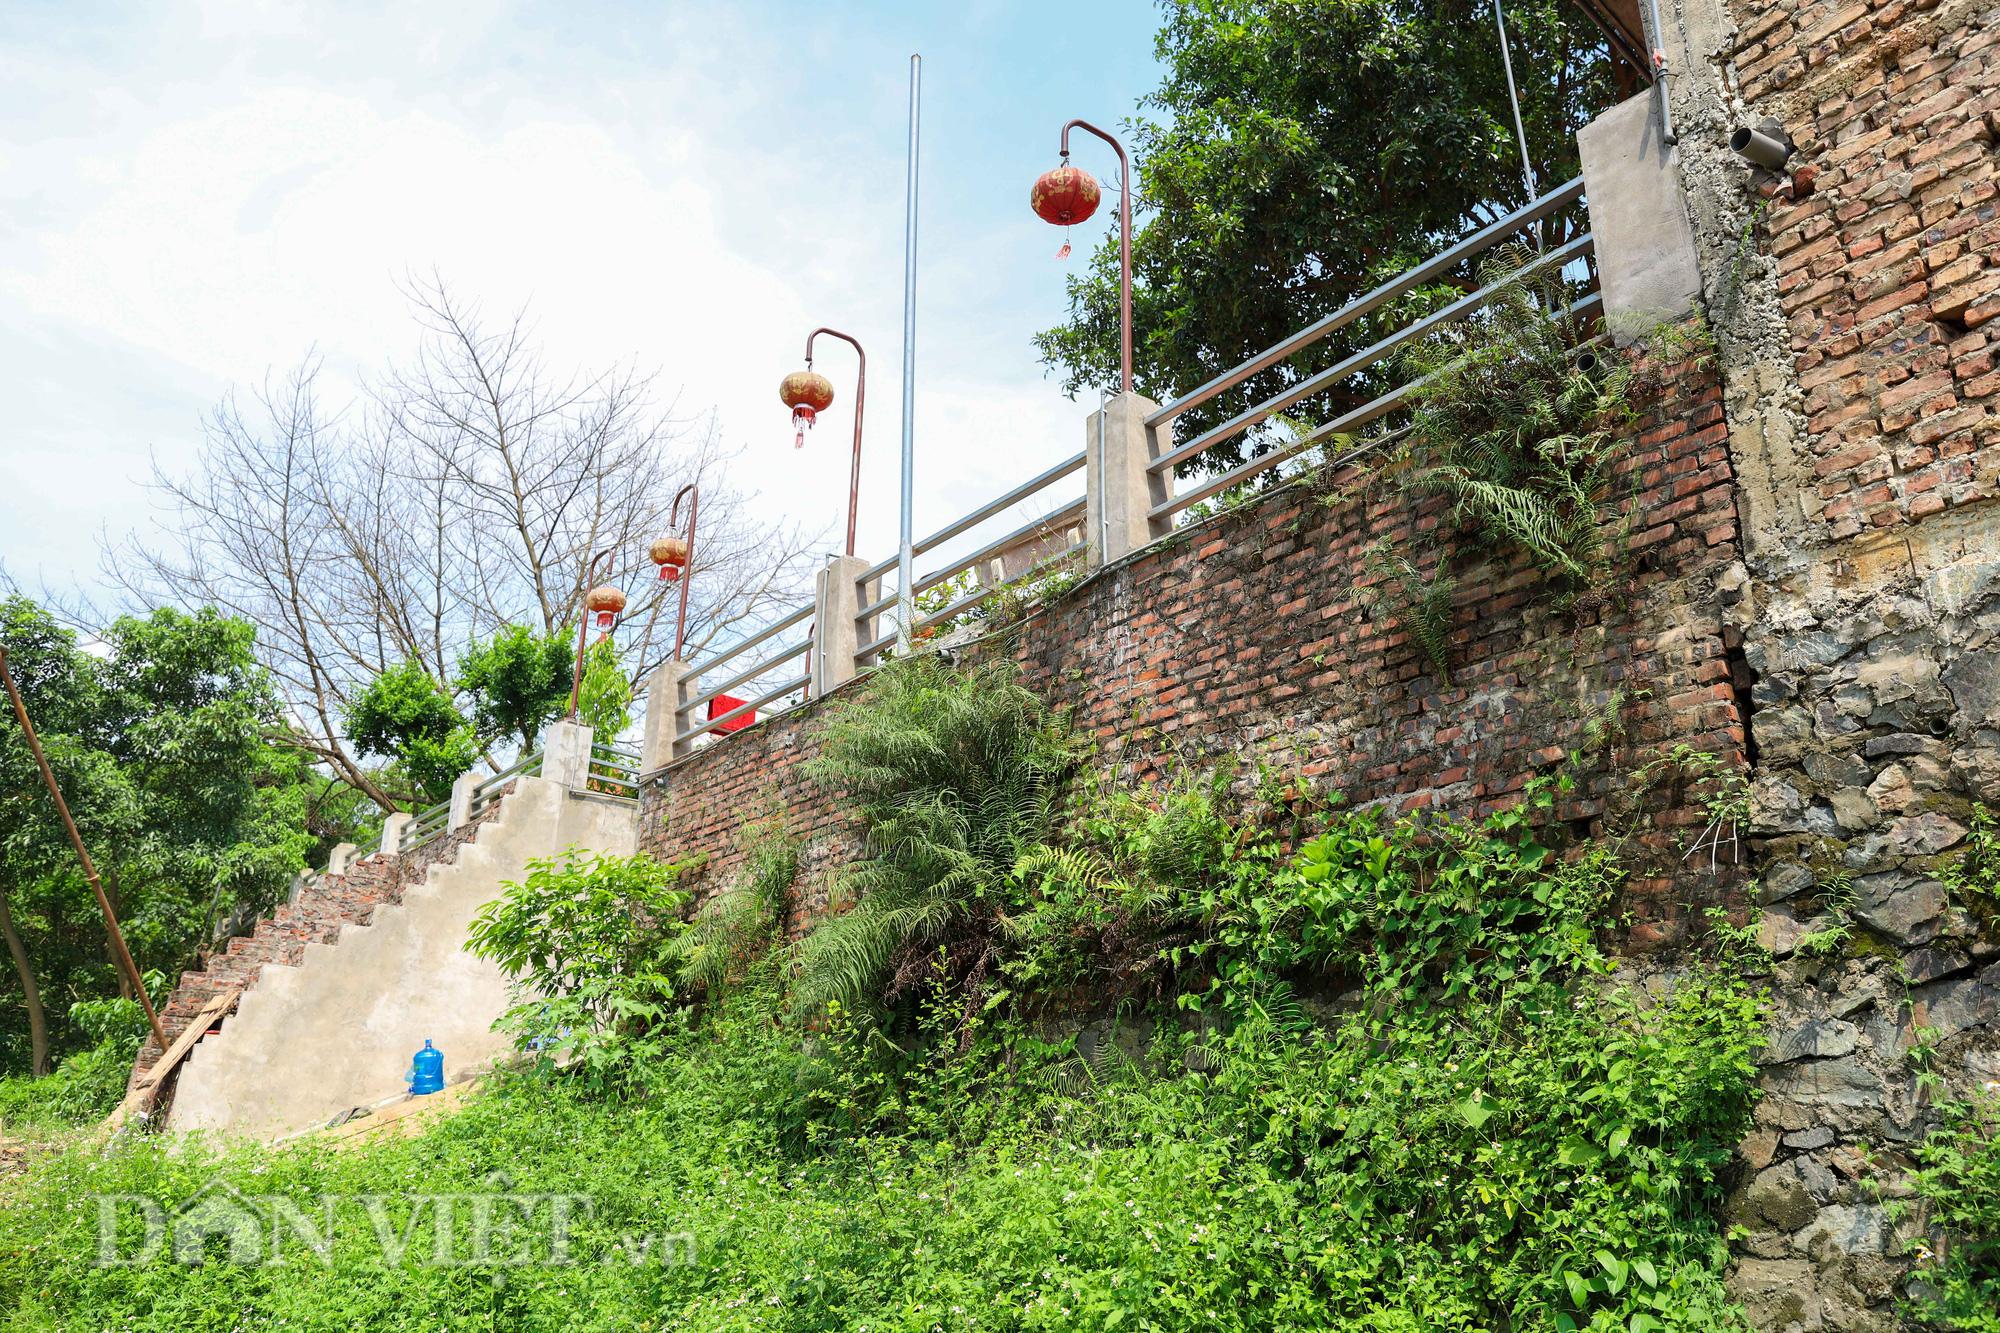 Đền Ba Voi ở Hà Nội bị đóng cửa vì sạt lở bờ sông - Ảnh 7.